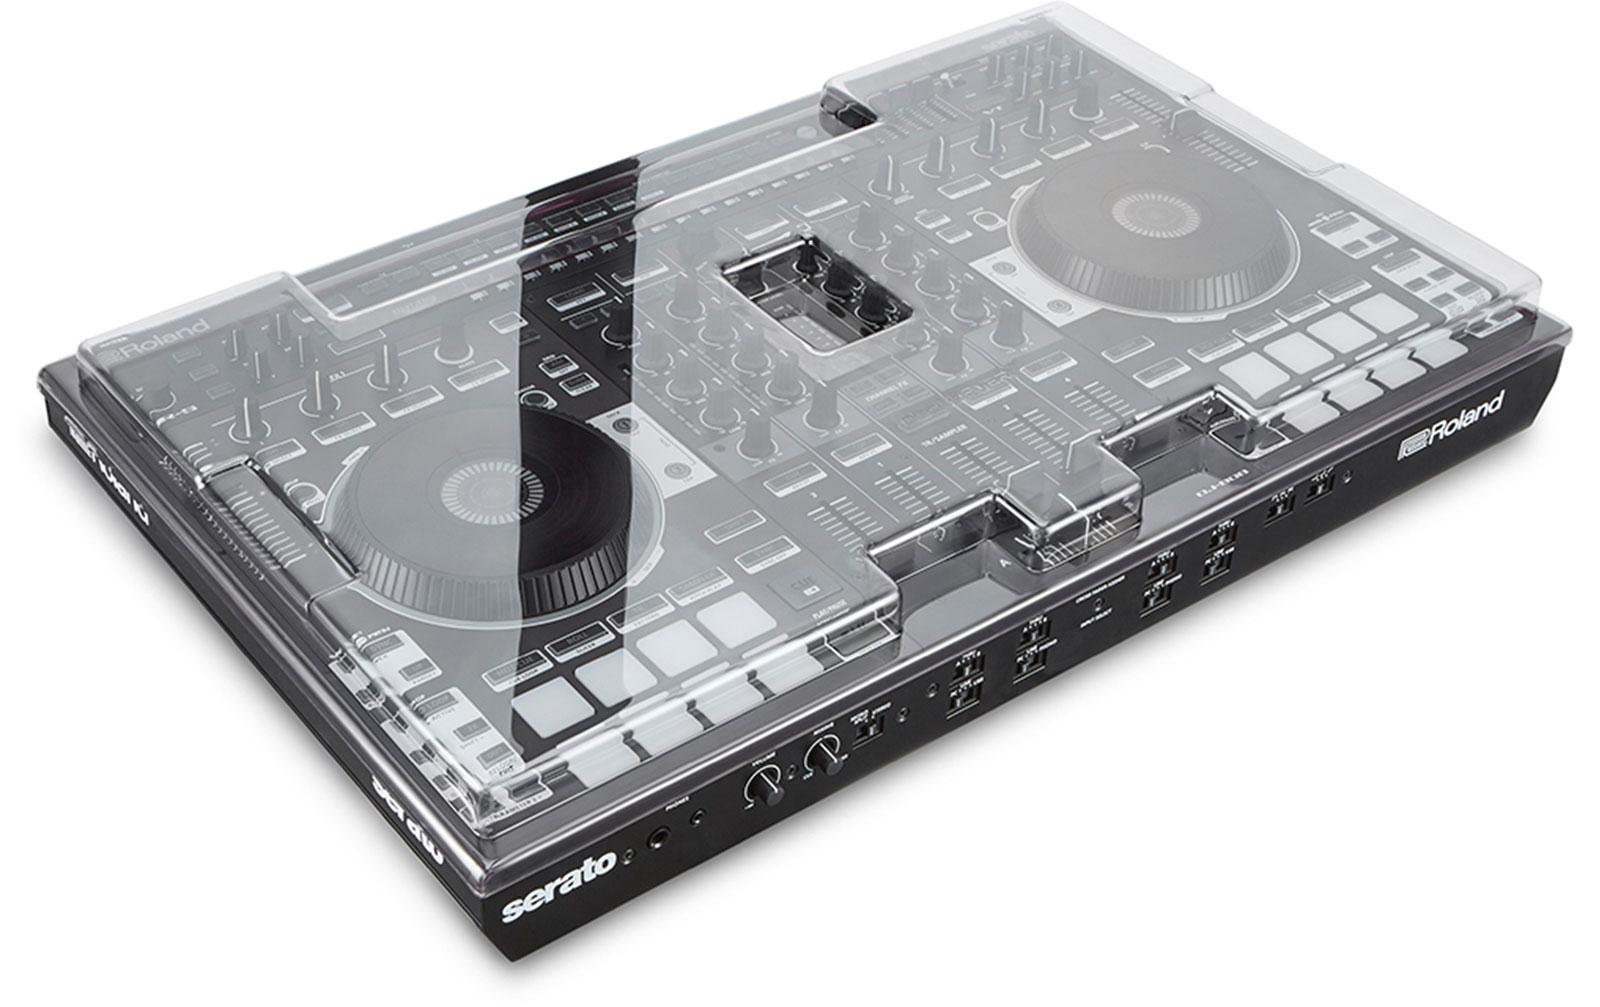 decksaver-roland-dj-808-staubschutzabdeckung